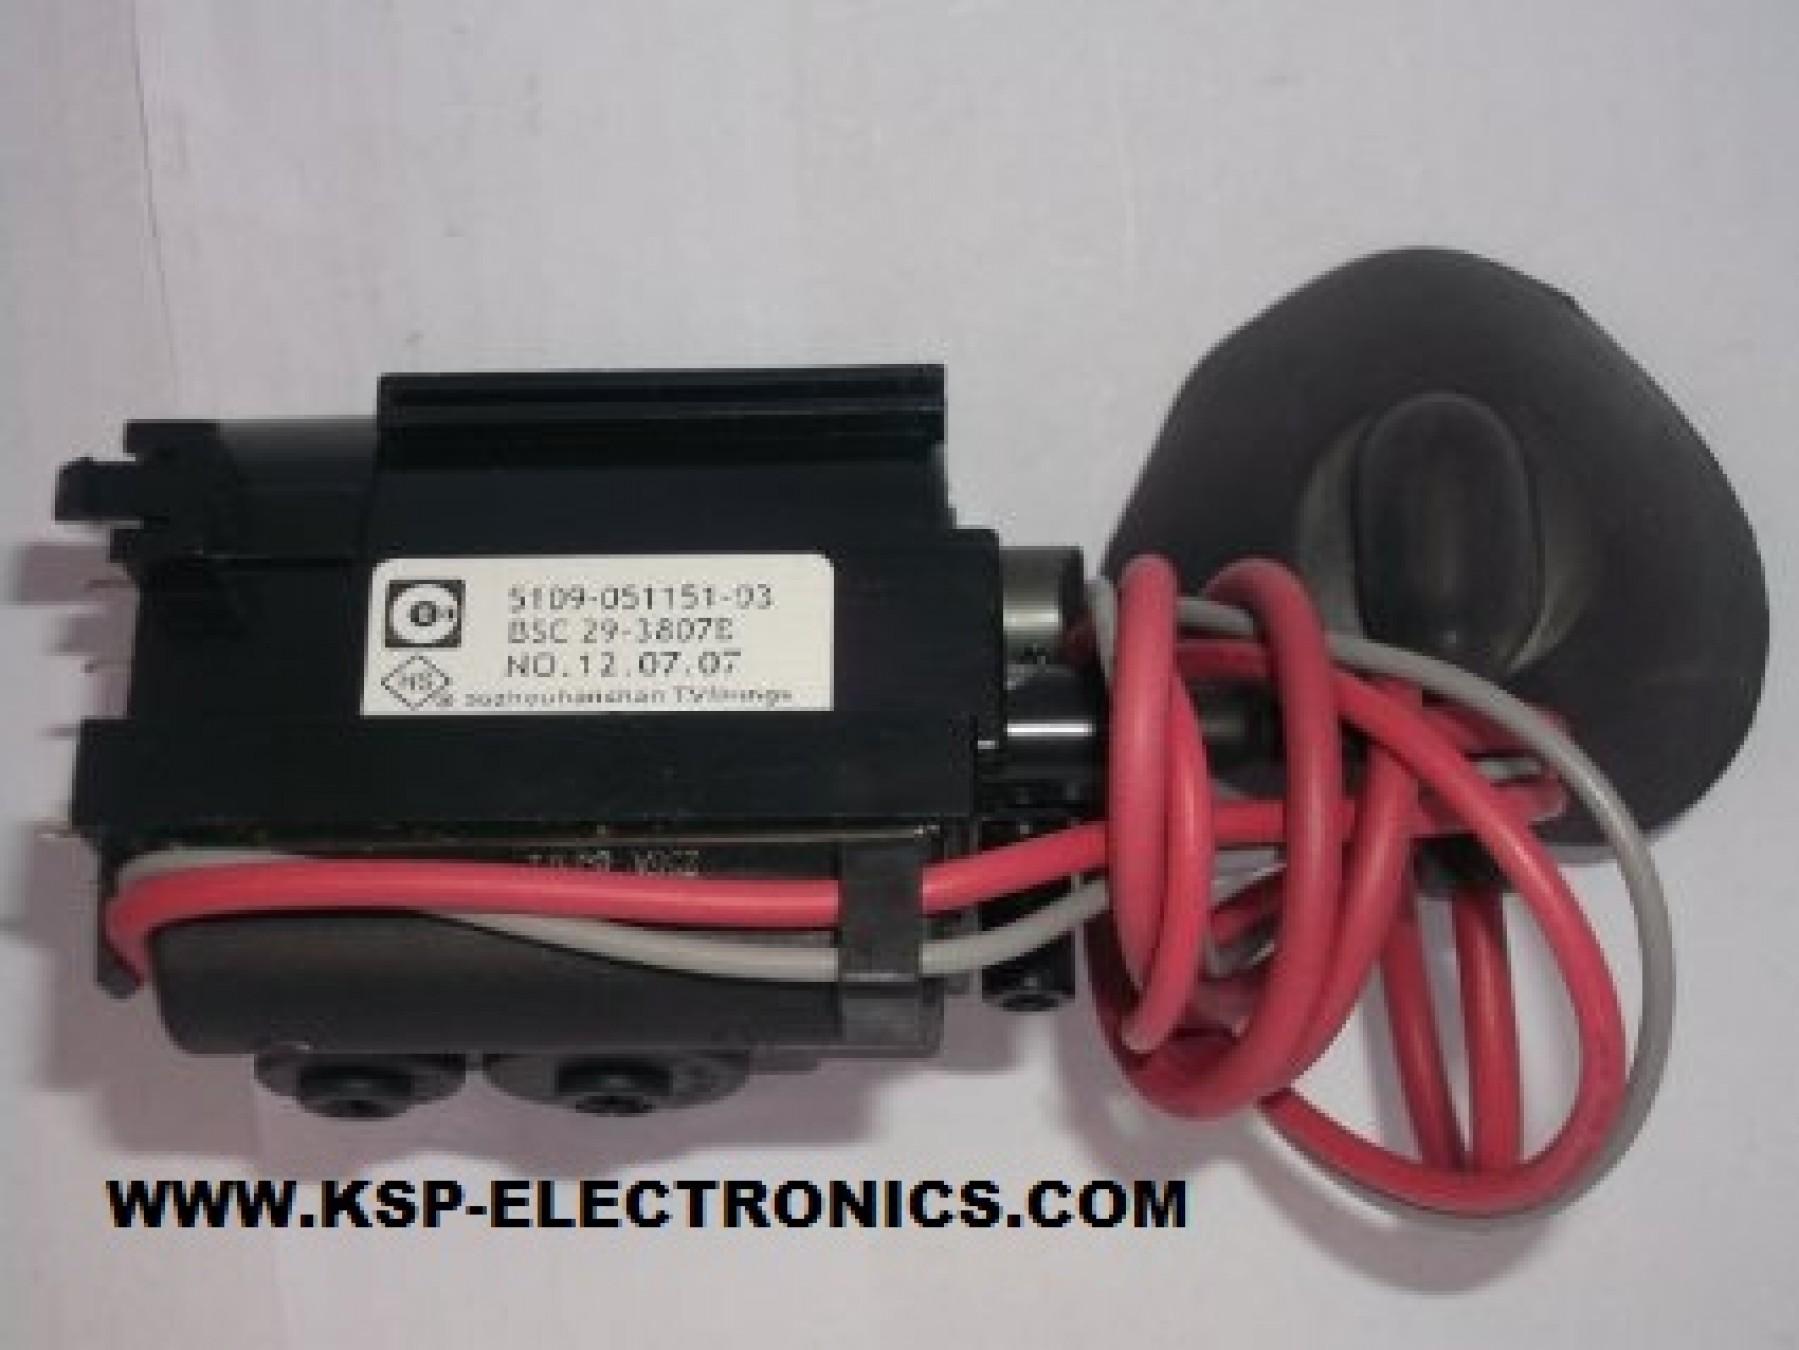 TXO BSC29-3807B 5109-051151-03